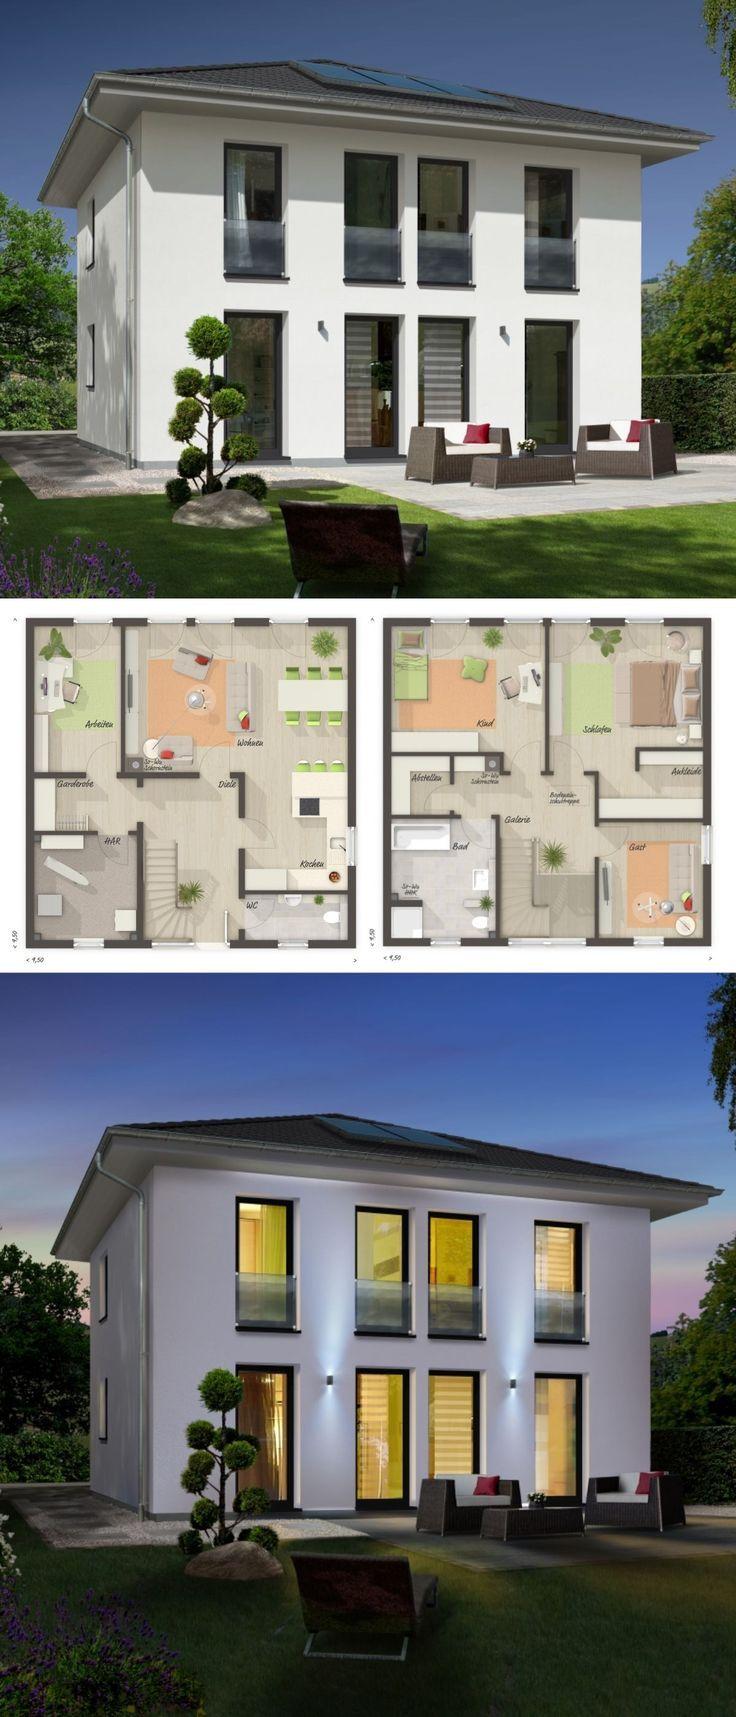 Klassische Stadtvilla Architektur modern mit Zeltdach & 5